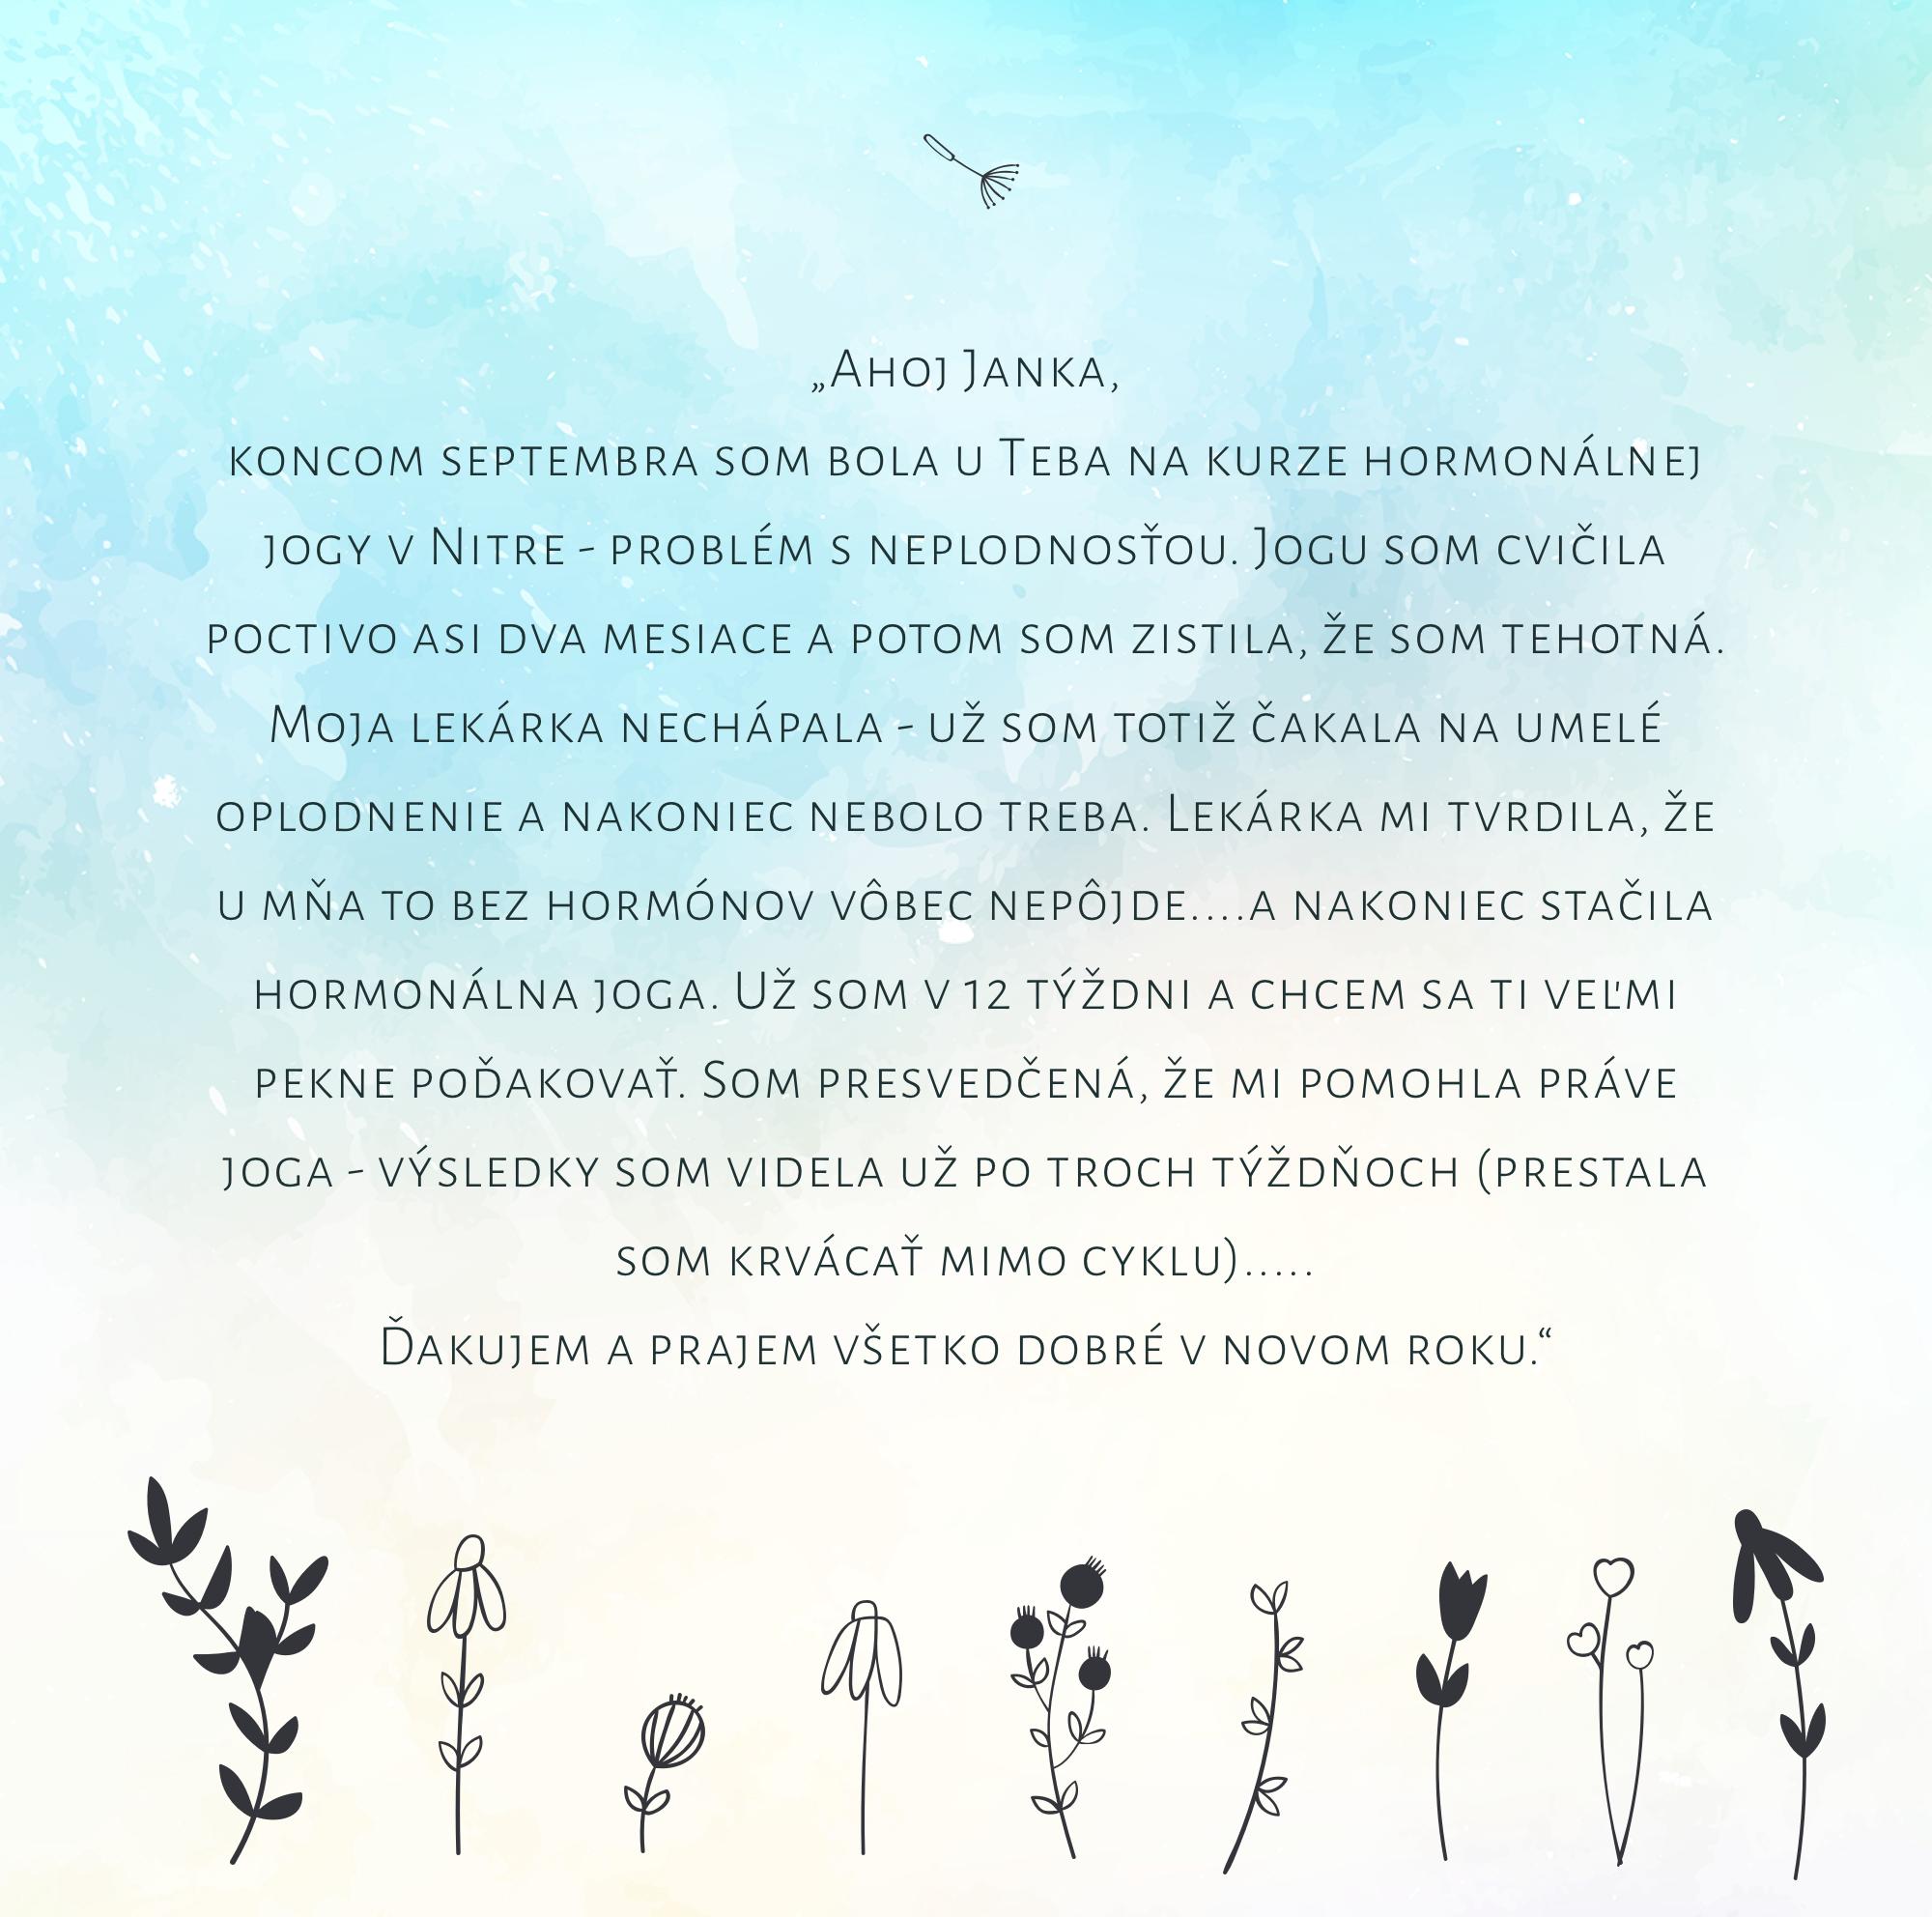 hormonalna-jogova-terapia-jana-sramkova-recenzia